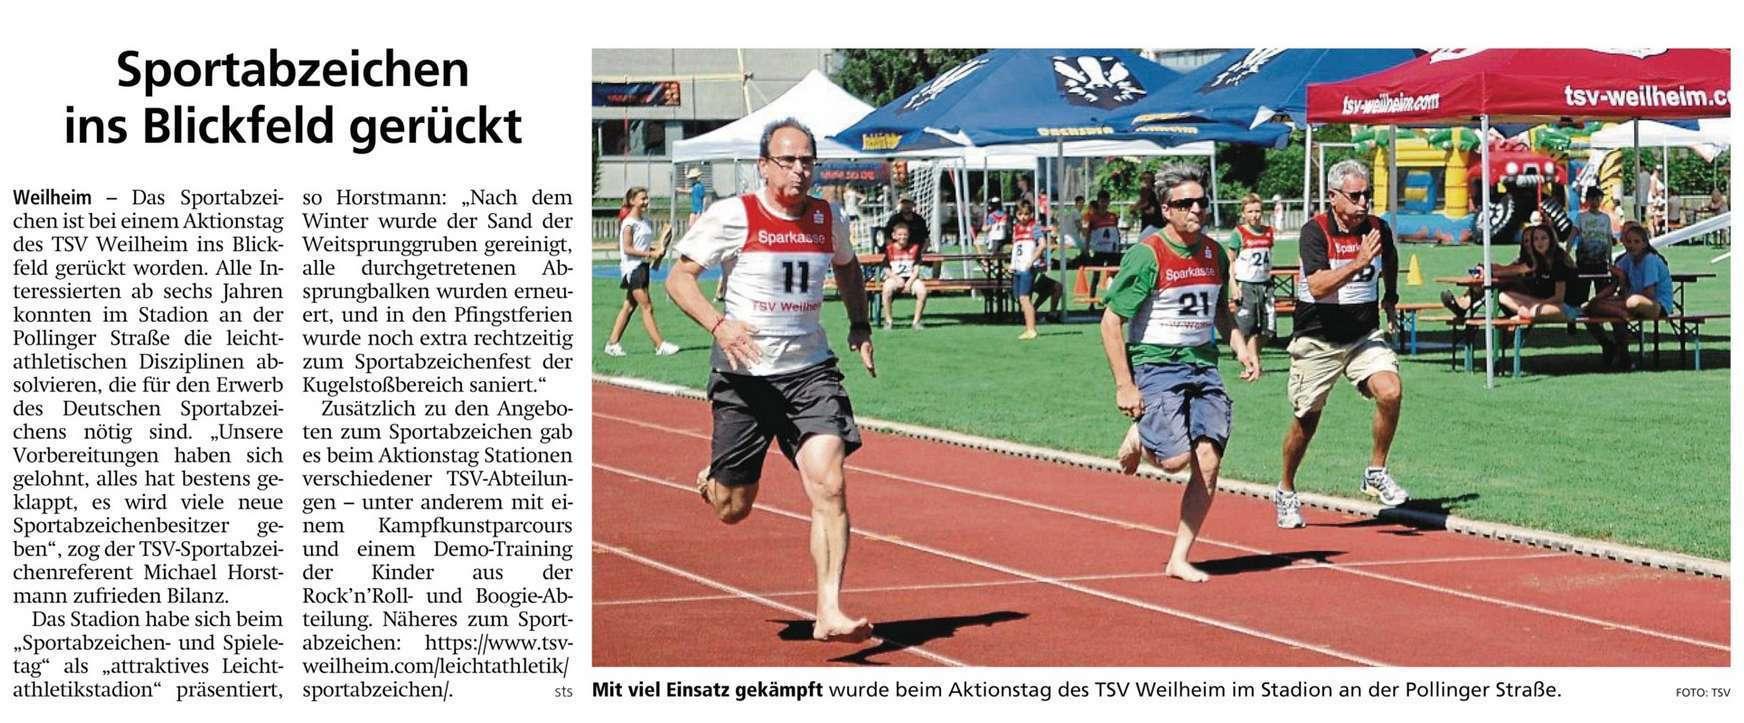 2019-07-05 Tagblatt fm